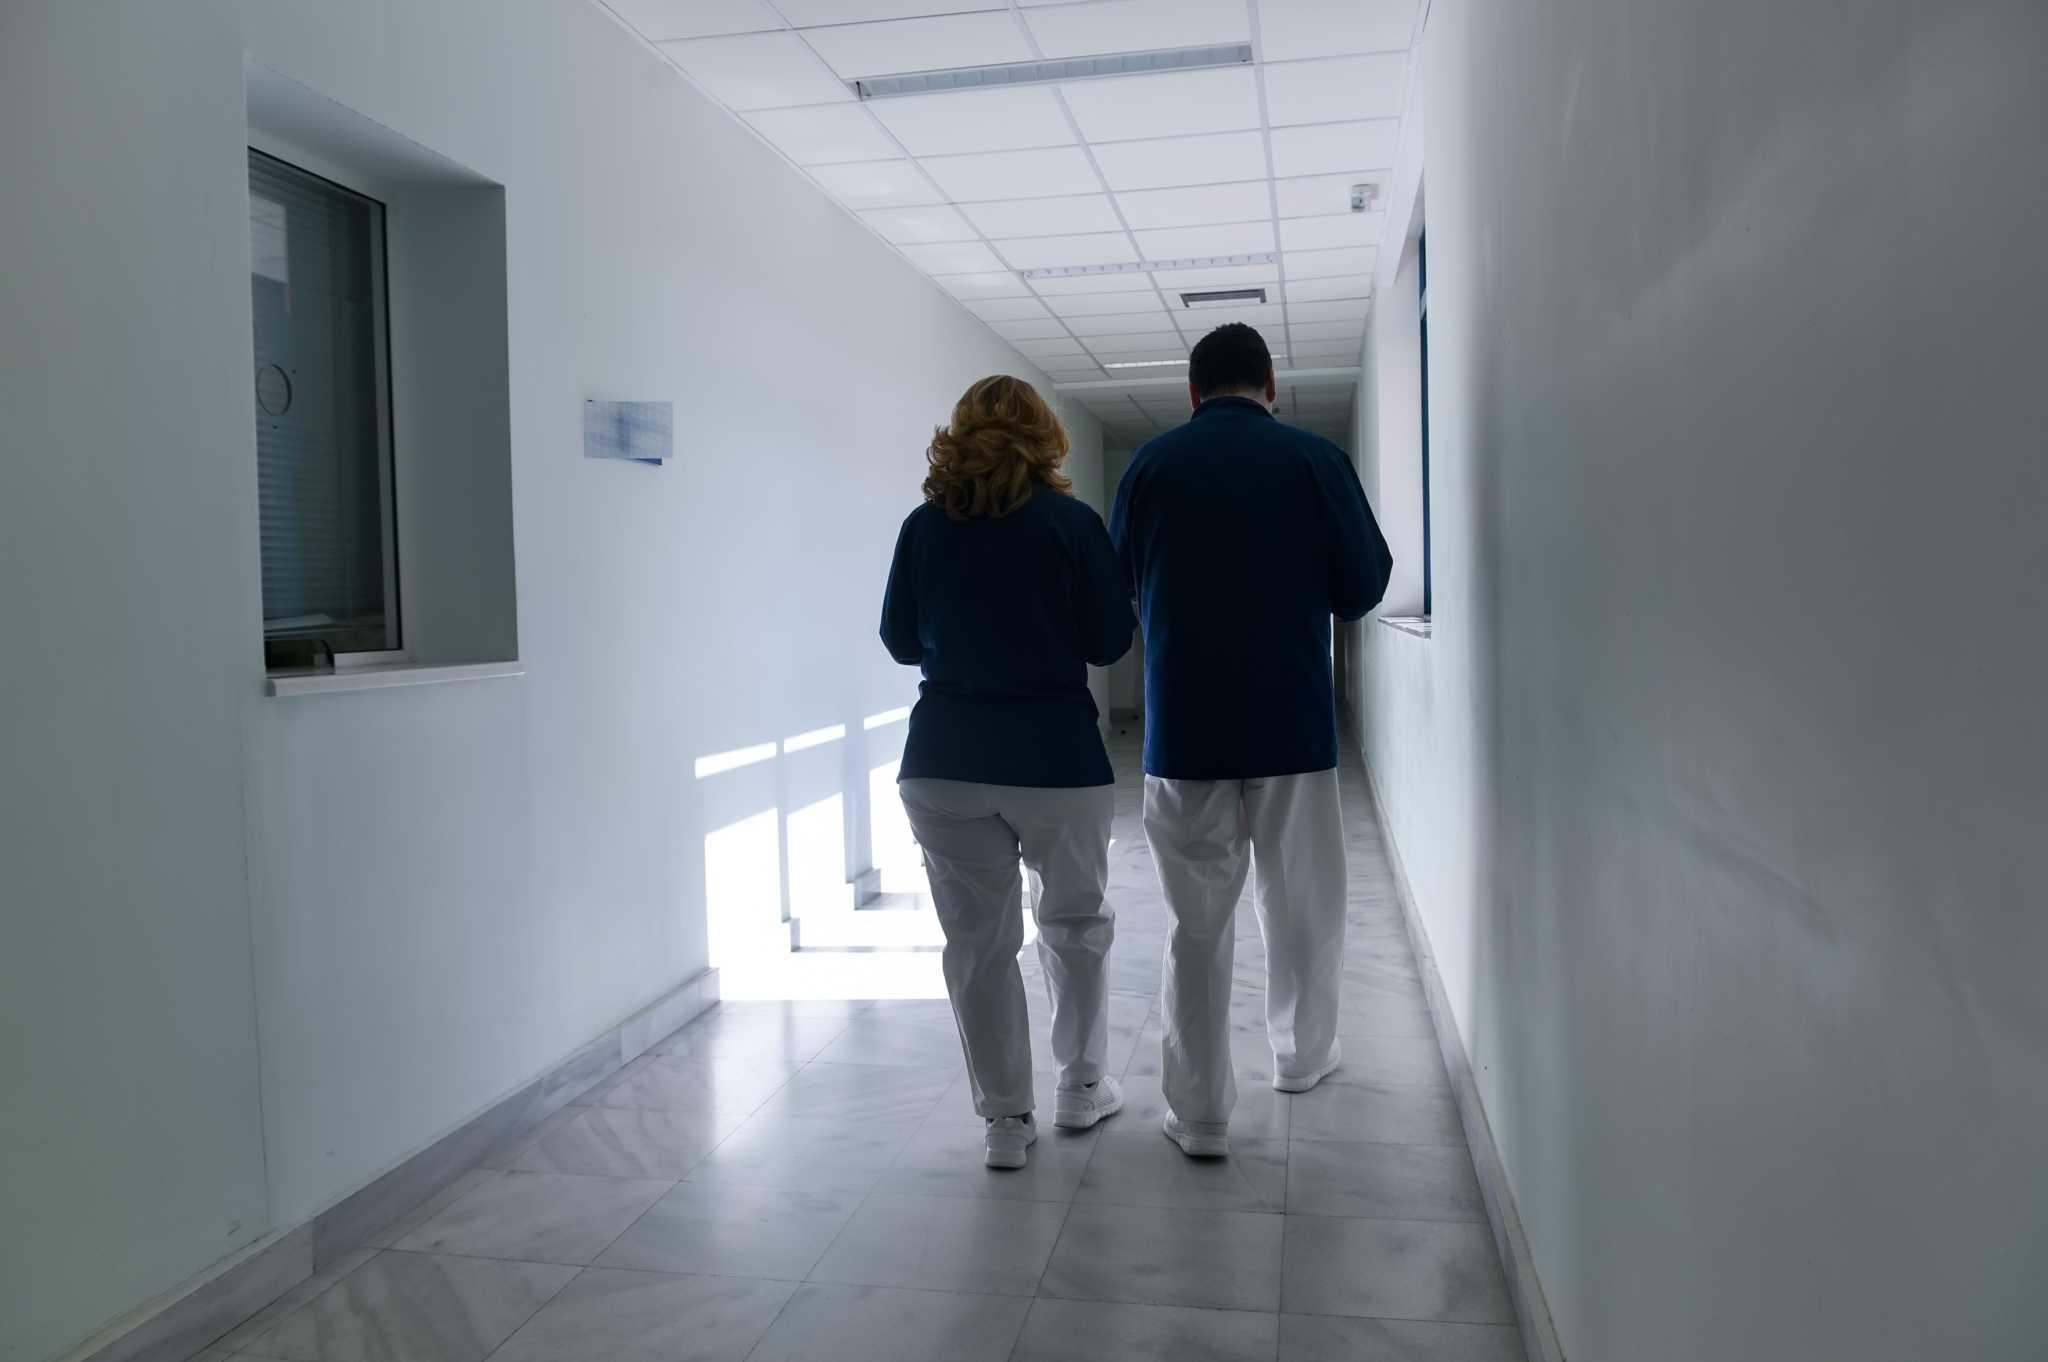 Συστήματα καθαρισμού και απολύμανσης του αέρα σε νοσοκομεία